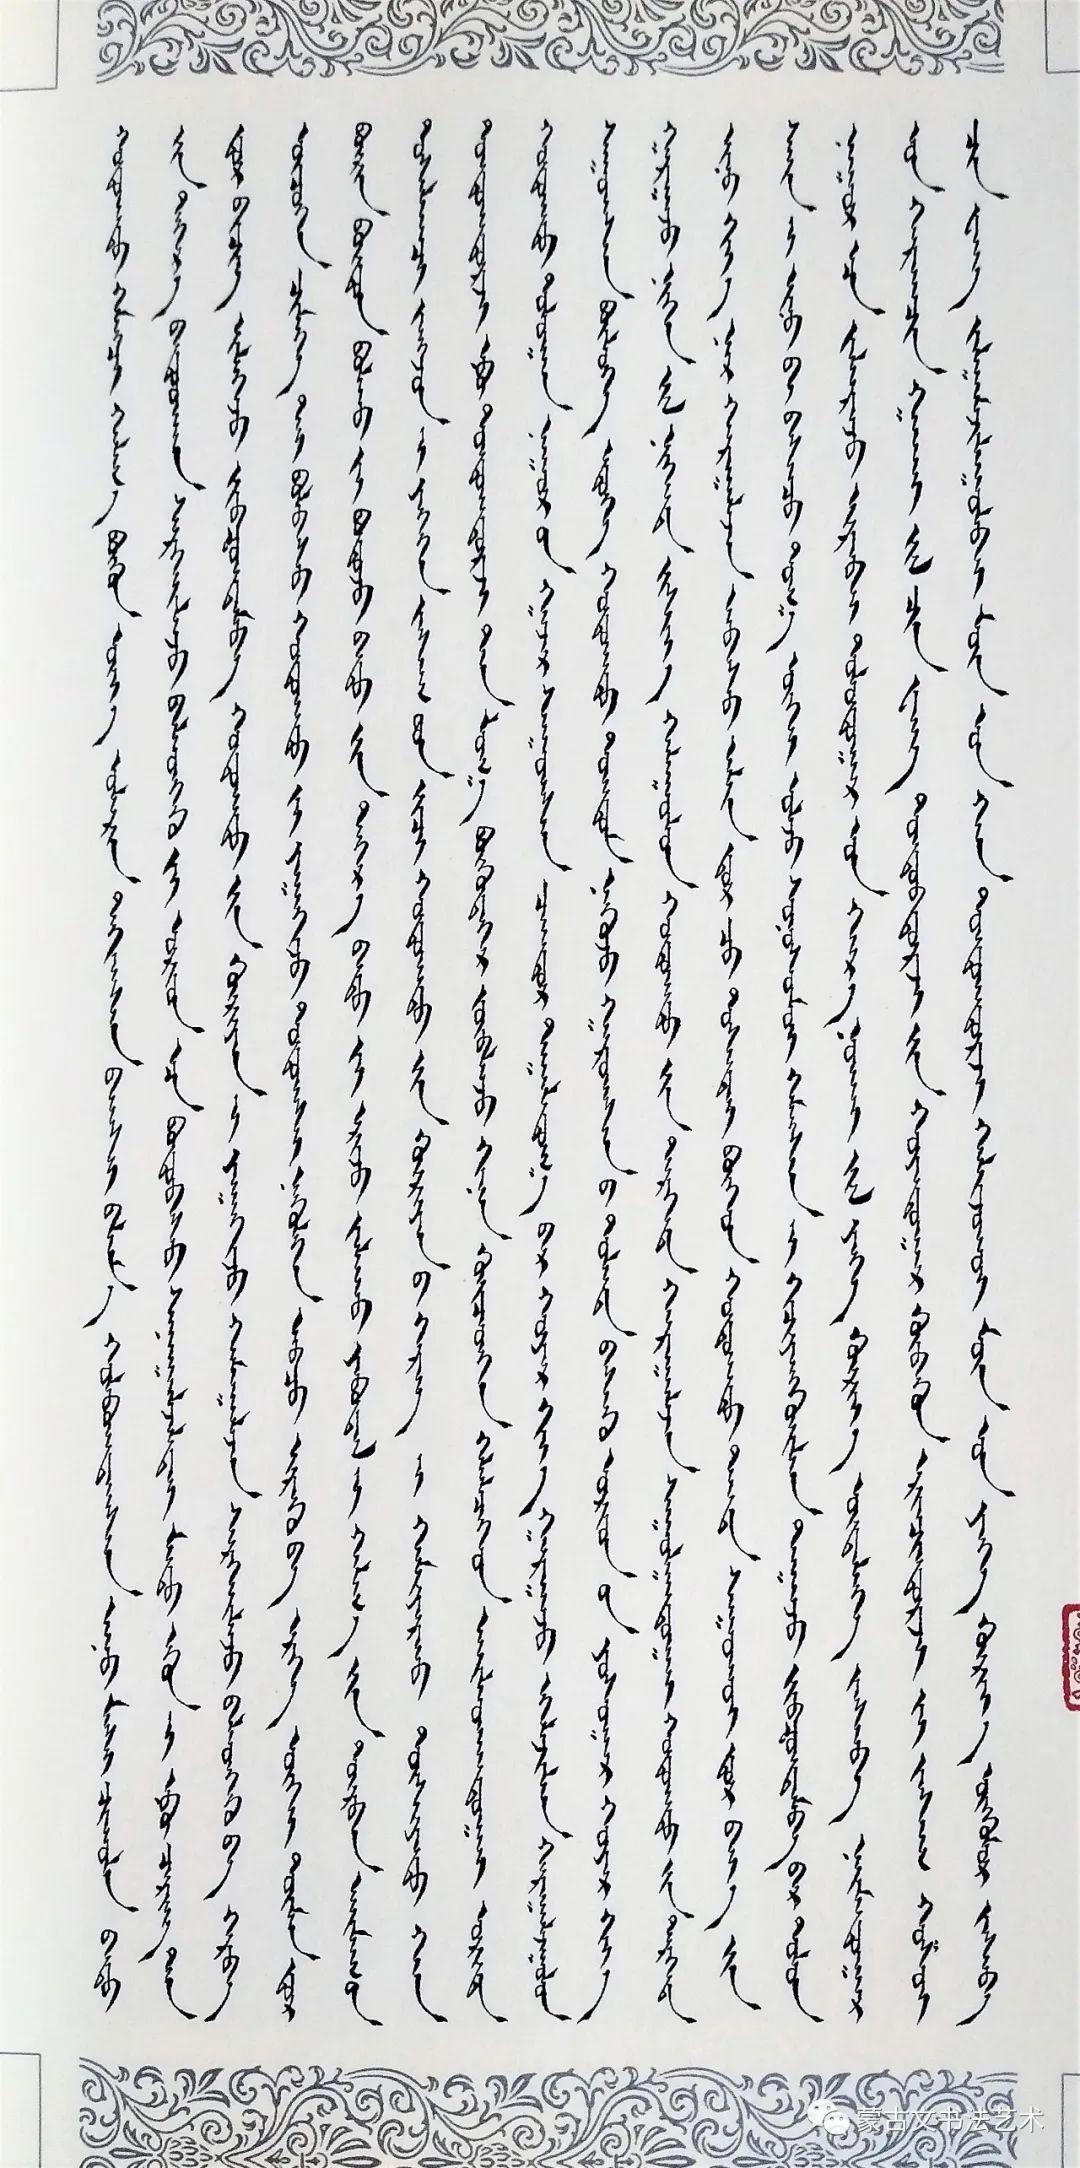 蒙古文经典文献当代书法名家手抄本之李金海《窝阔台之宝鬘》 第11张